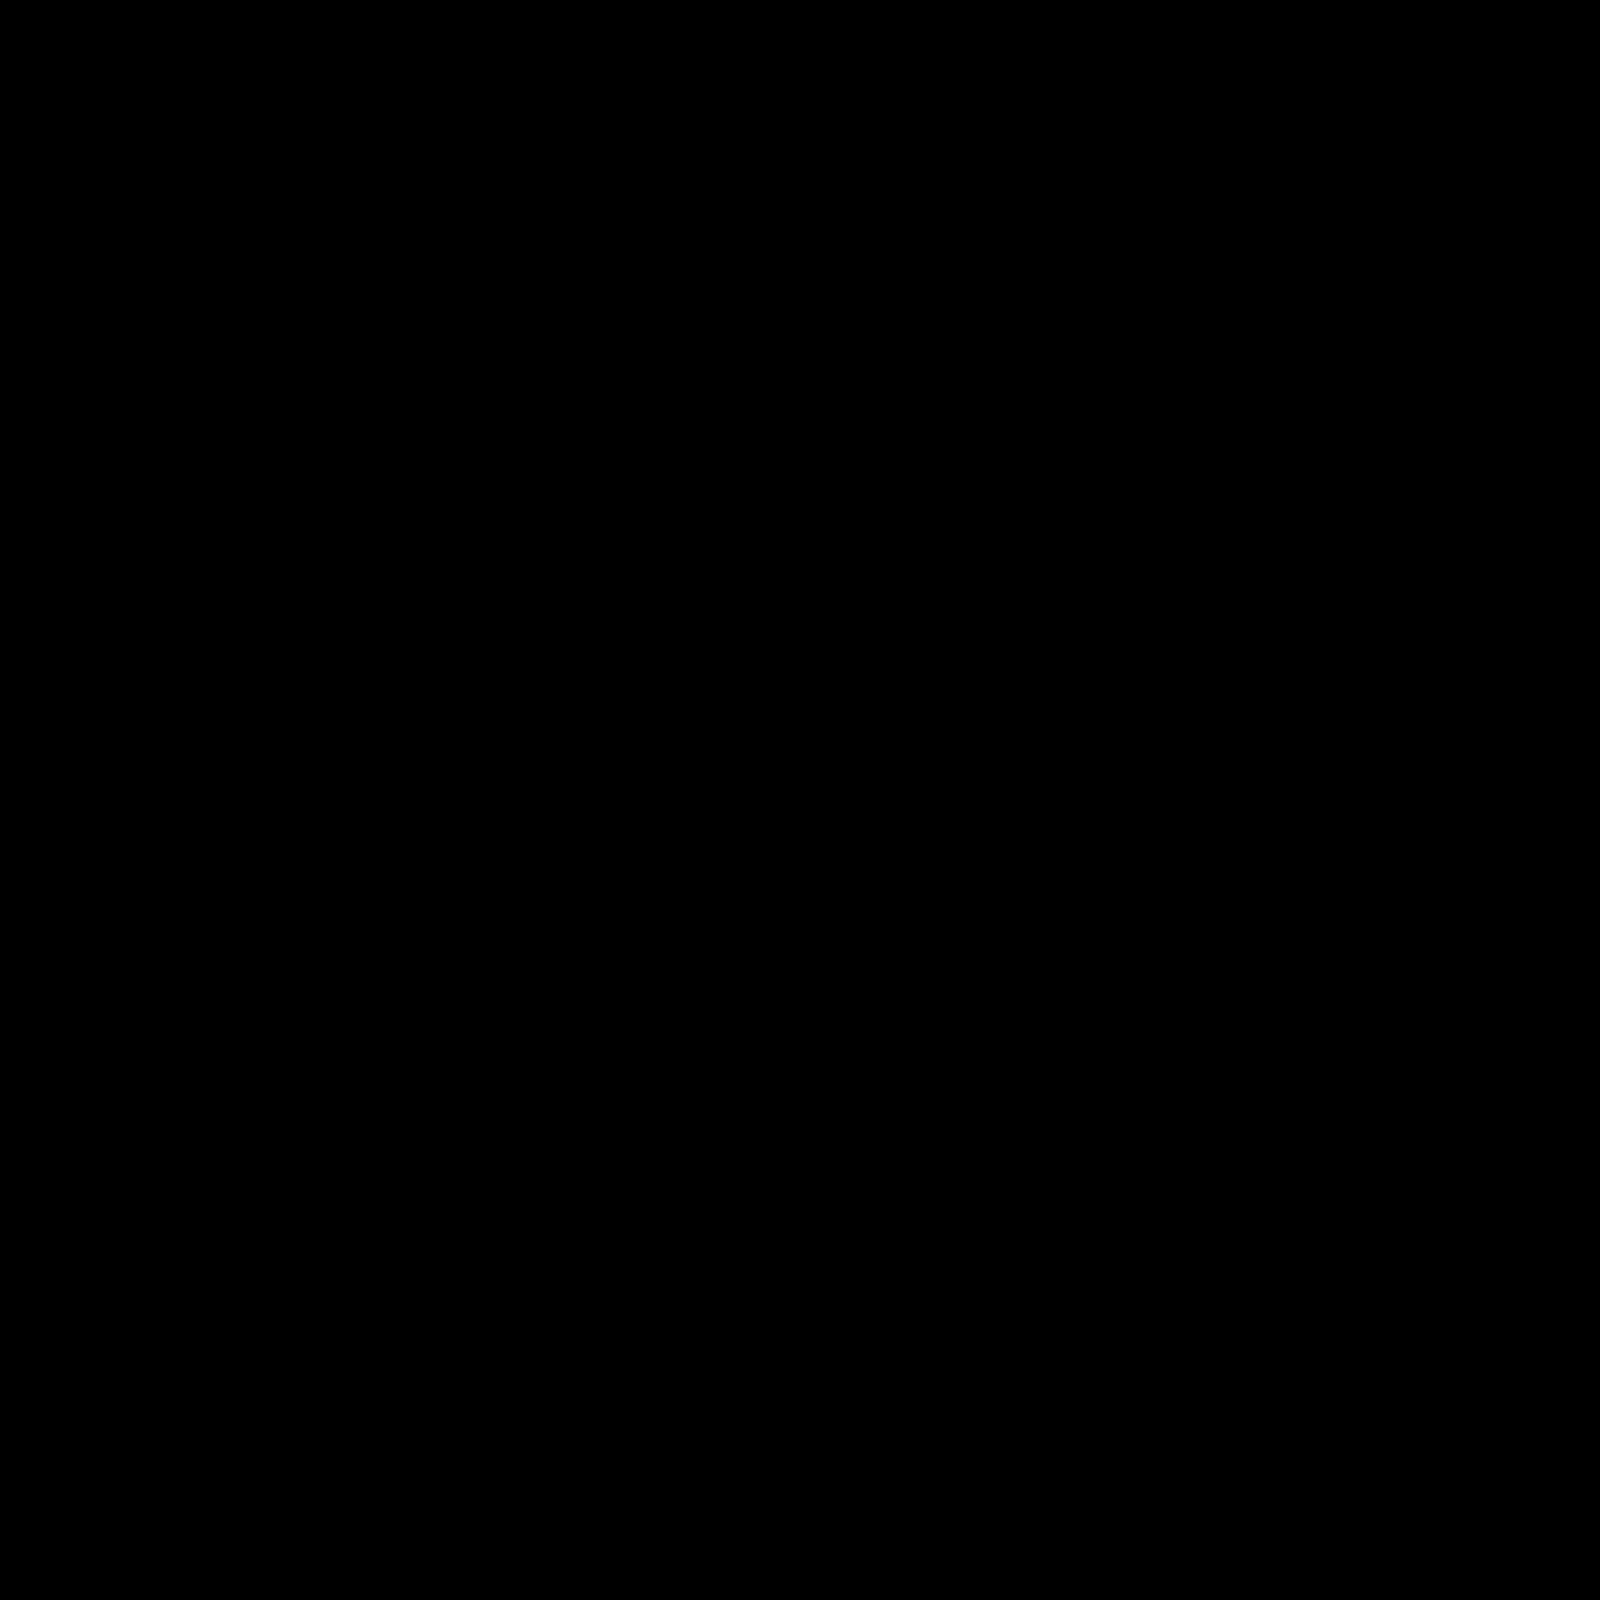 Kirche icon - PNG Kirche